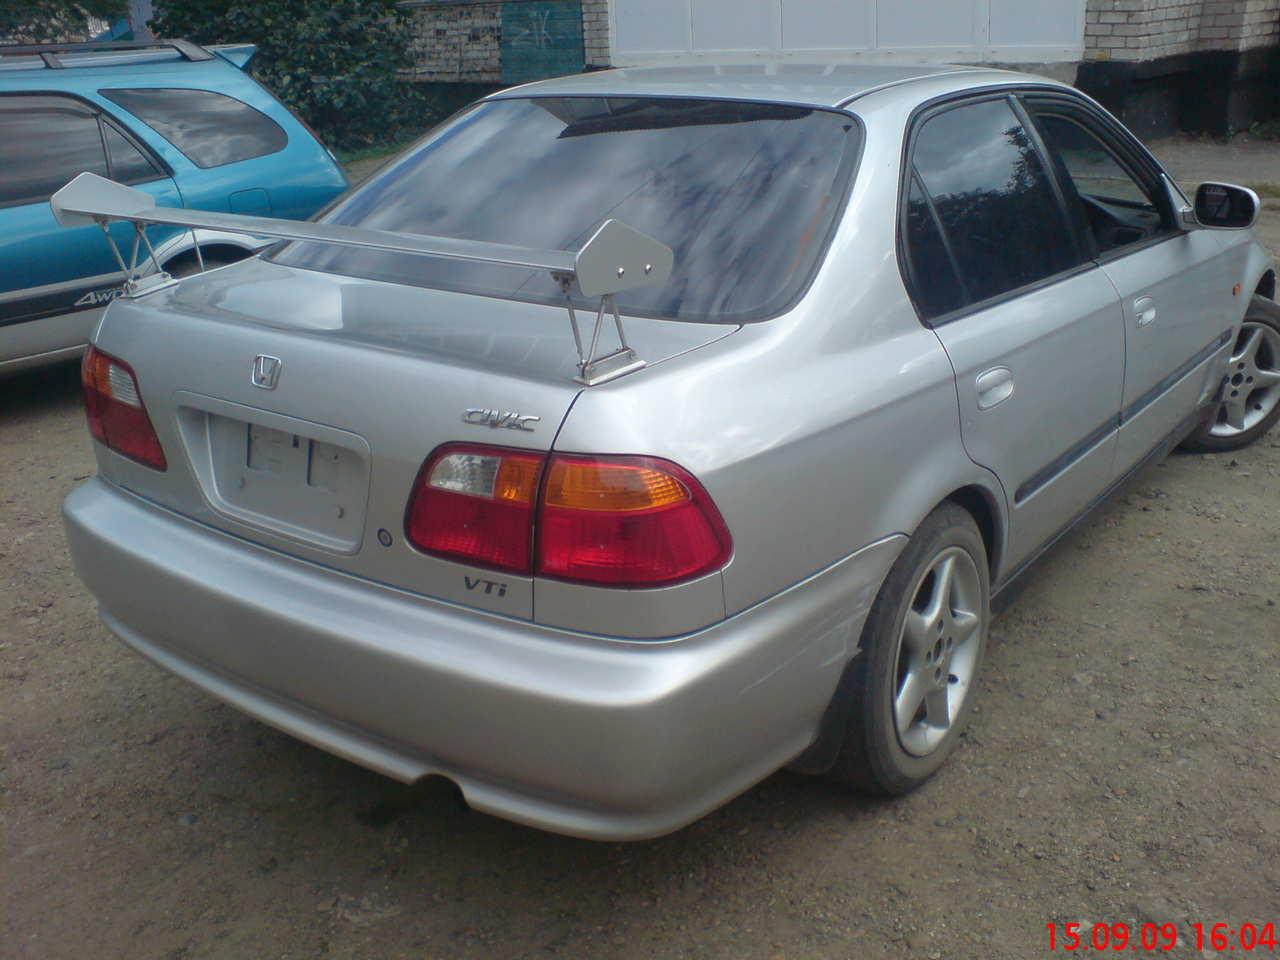 1999 honda civic photos 1 5 gasoline ff manual for sale for Honda limp mode